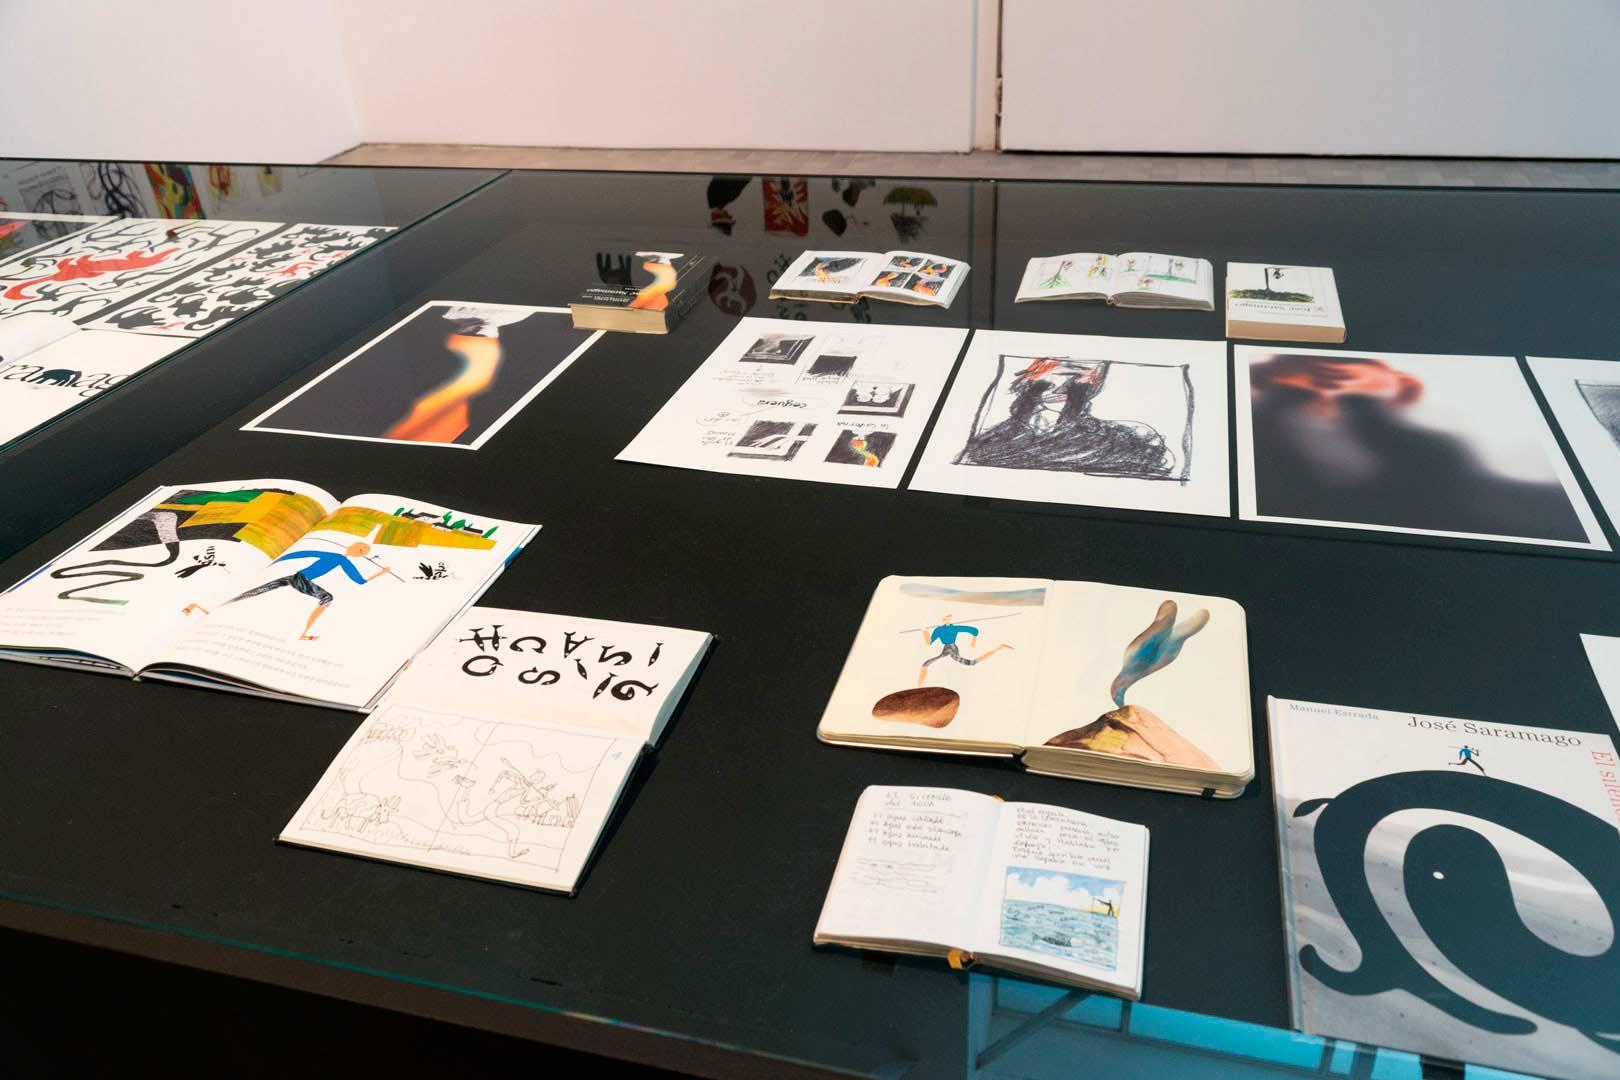 Diseñador-Manuel-Estrada--Ilustraciones-para-libros